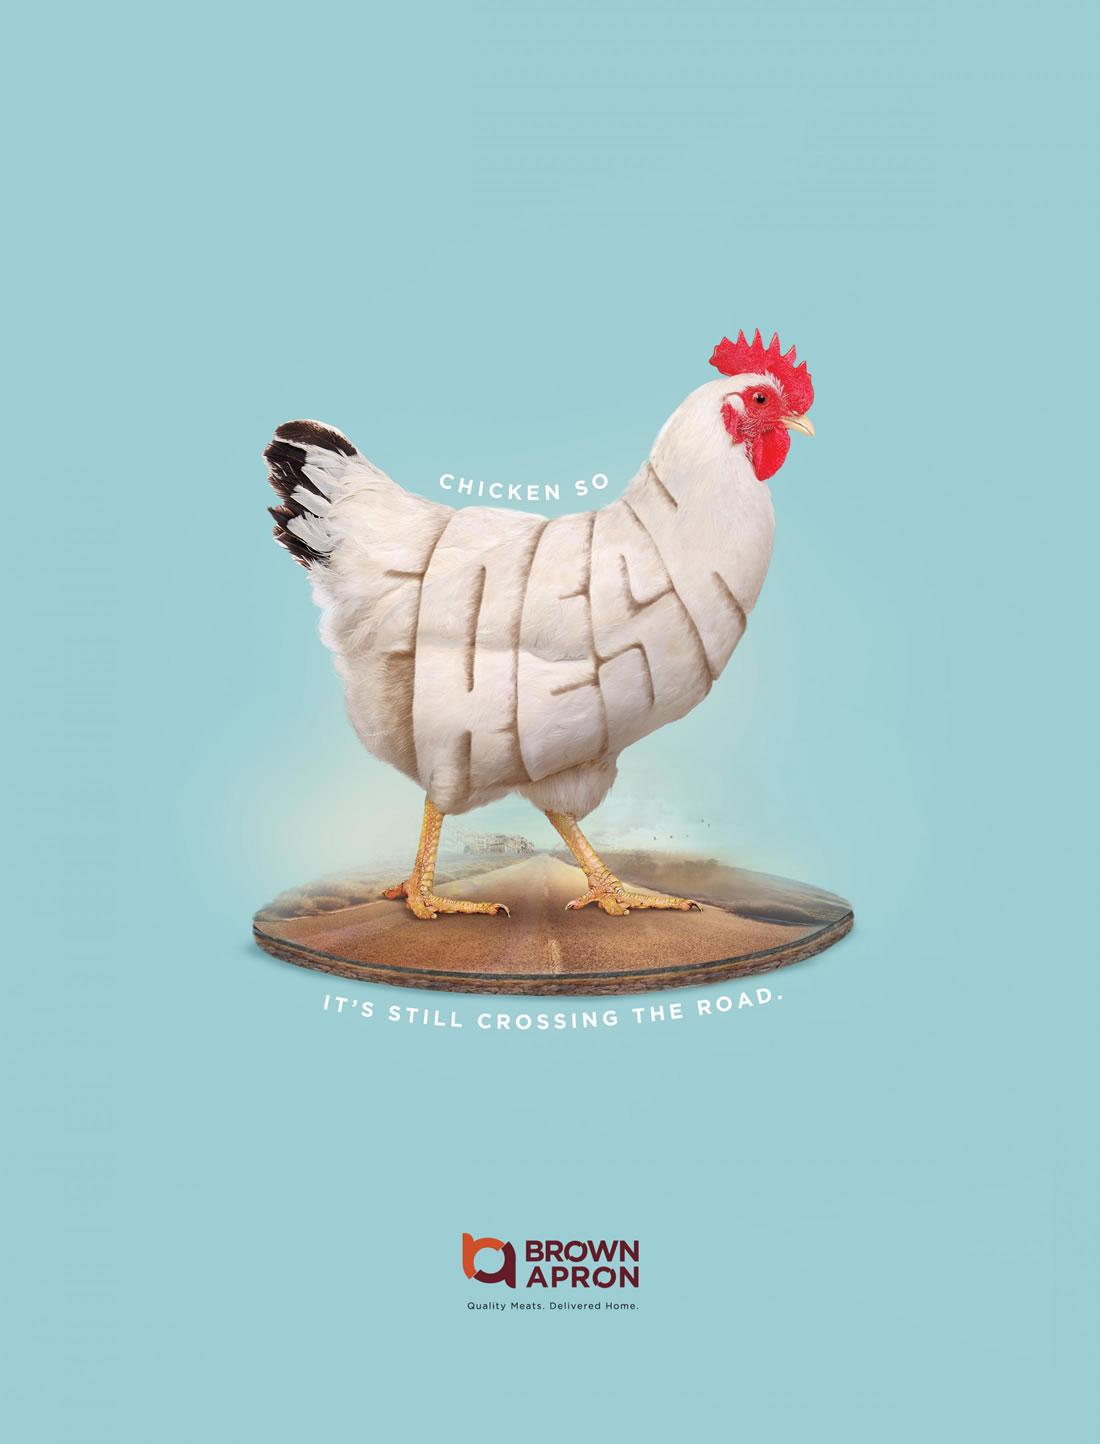 Inspiration - 130 Affiches Publicitaires Graphiques de Mars 2018 46